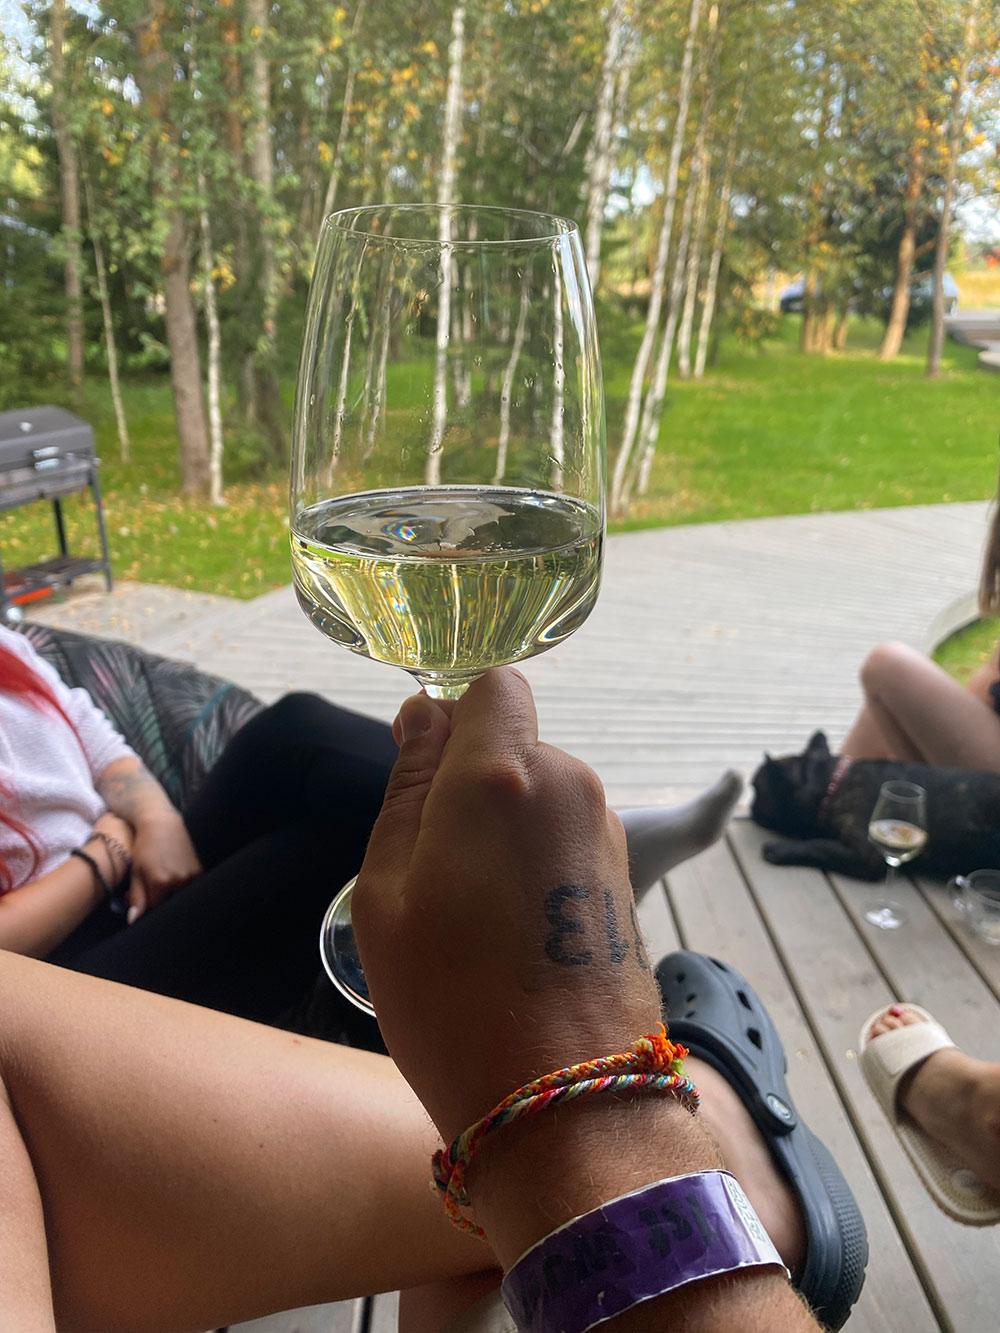 Иногда по вечерам мы пьем вино на веранде с друзьями